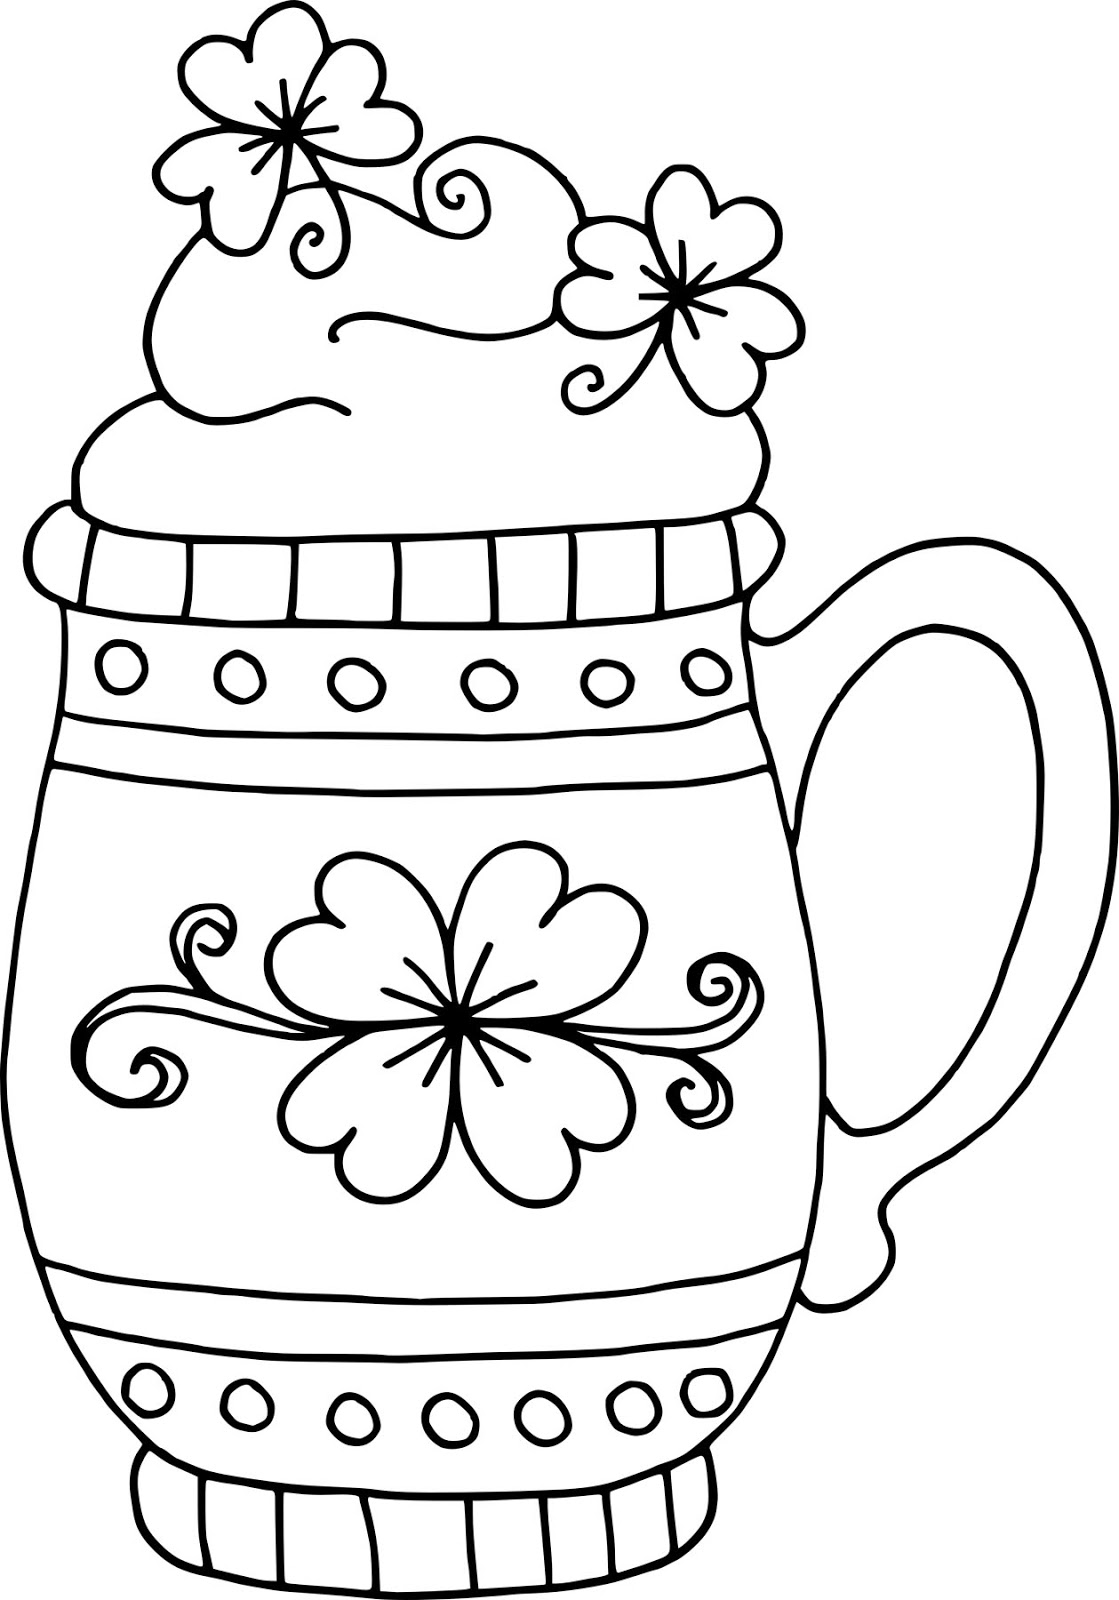 http://3.bp.blogspot.com/-bJYX29JIYBY/UuPeBuOAQ_I/AAAAAAAAFBw/C8-3997-YQk/s1600/Irish+Coffee+-+The+Doodle+Garden.jpg